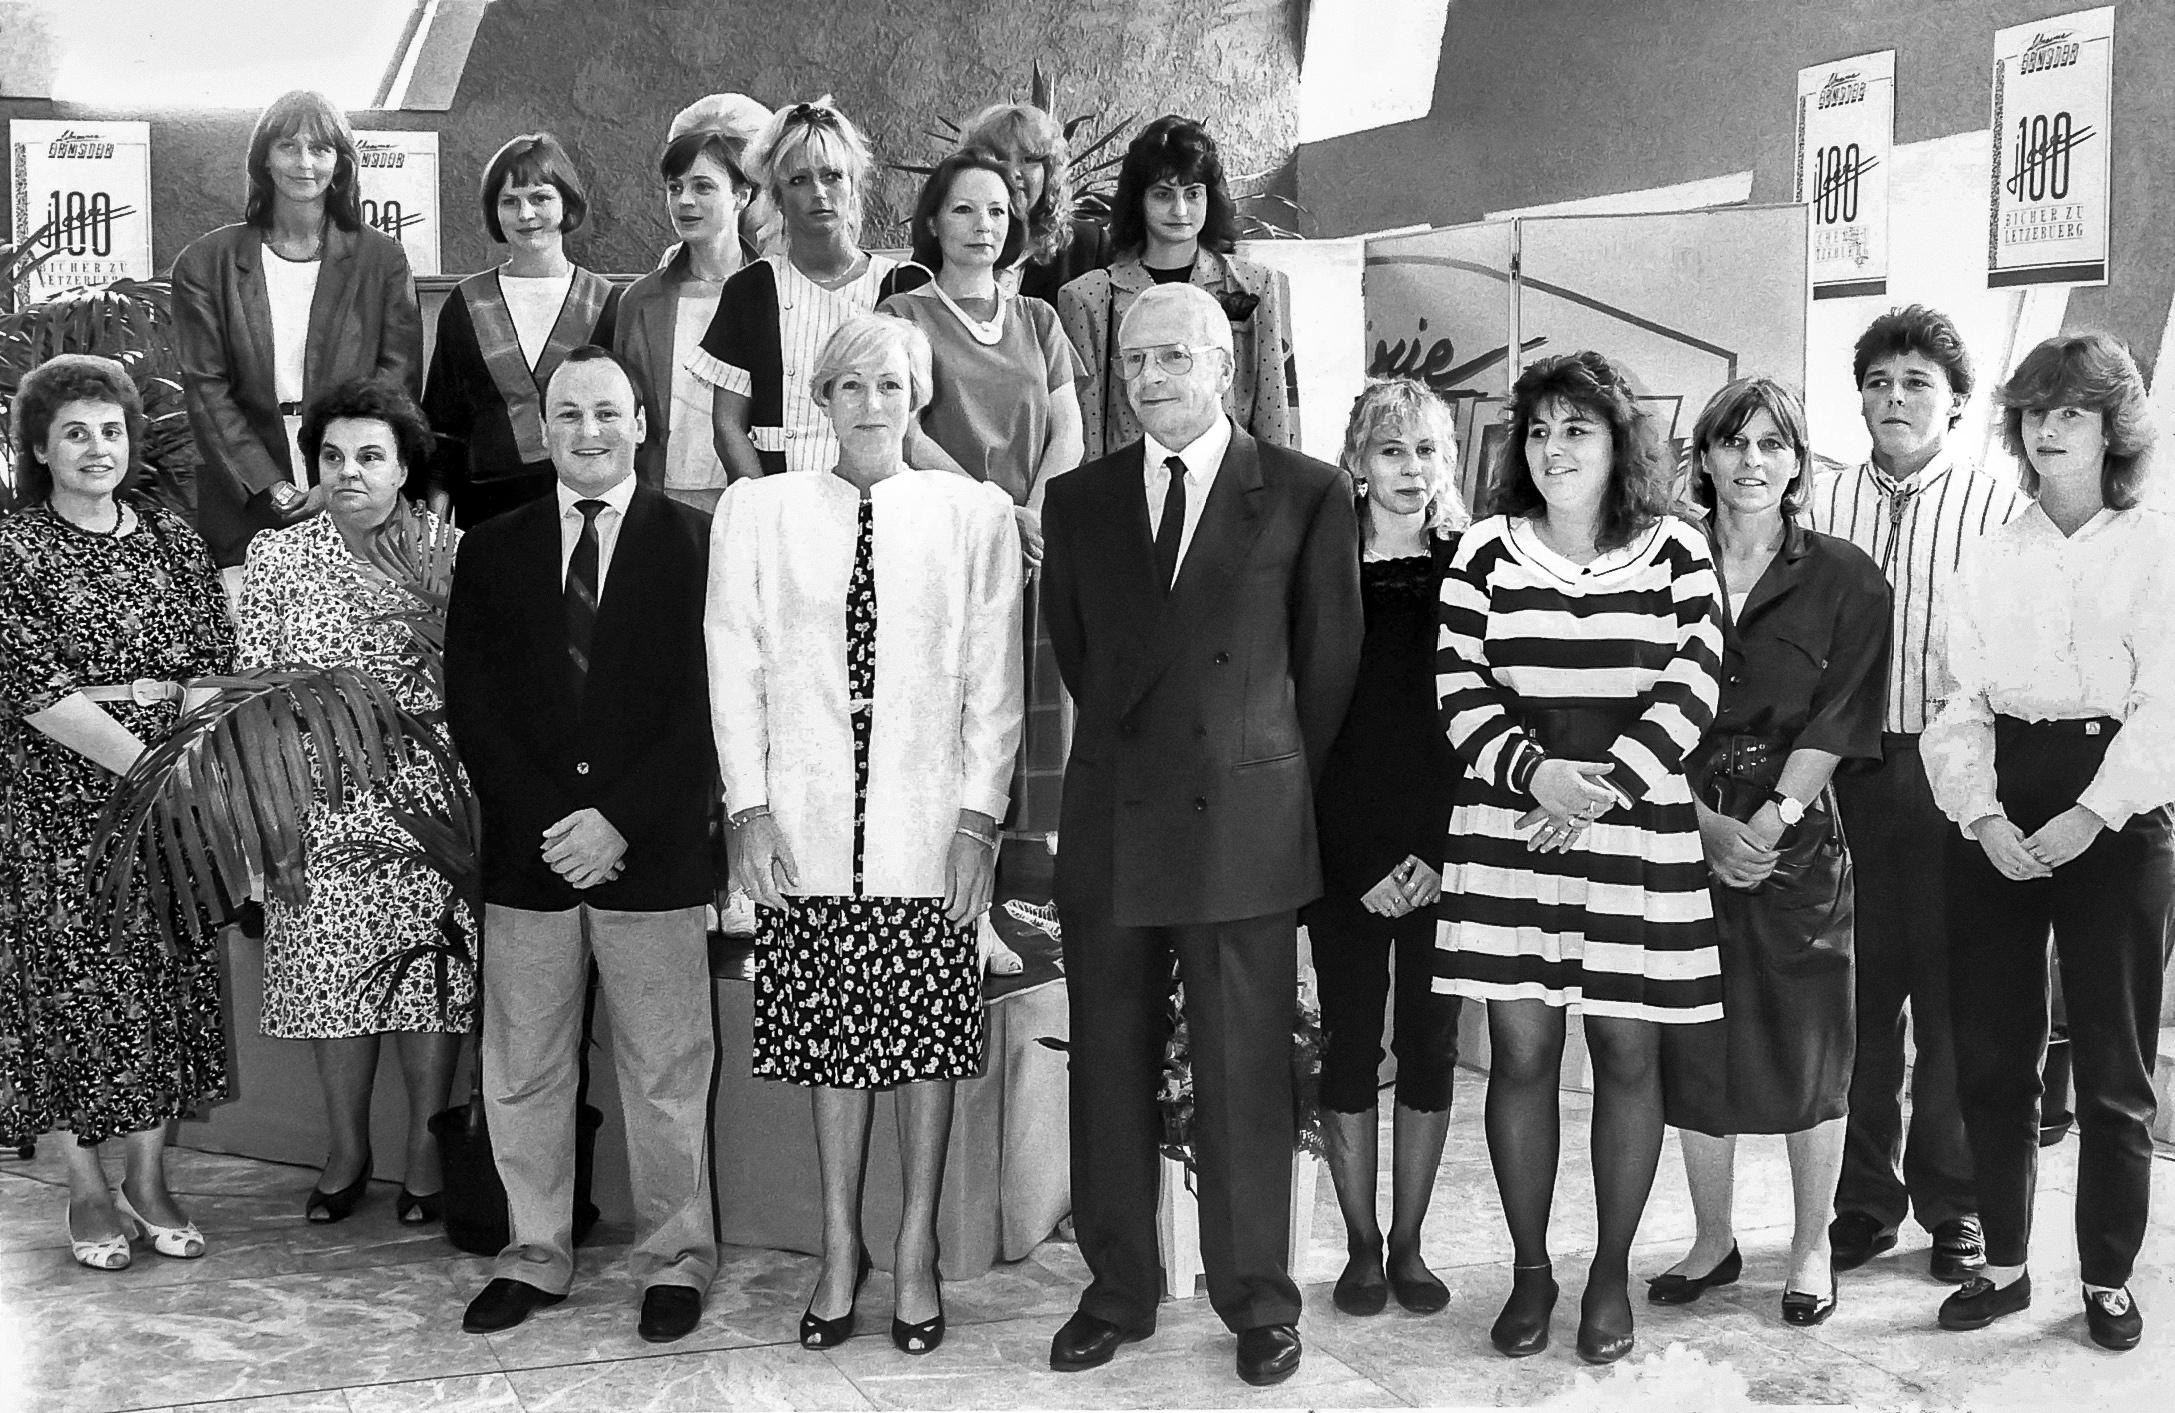 Réunion de famille pour le centenaire de la librairie au Grand Théâtre (1989).